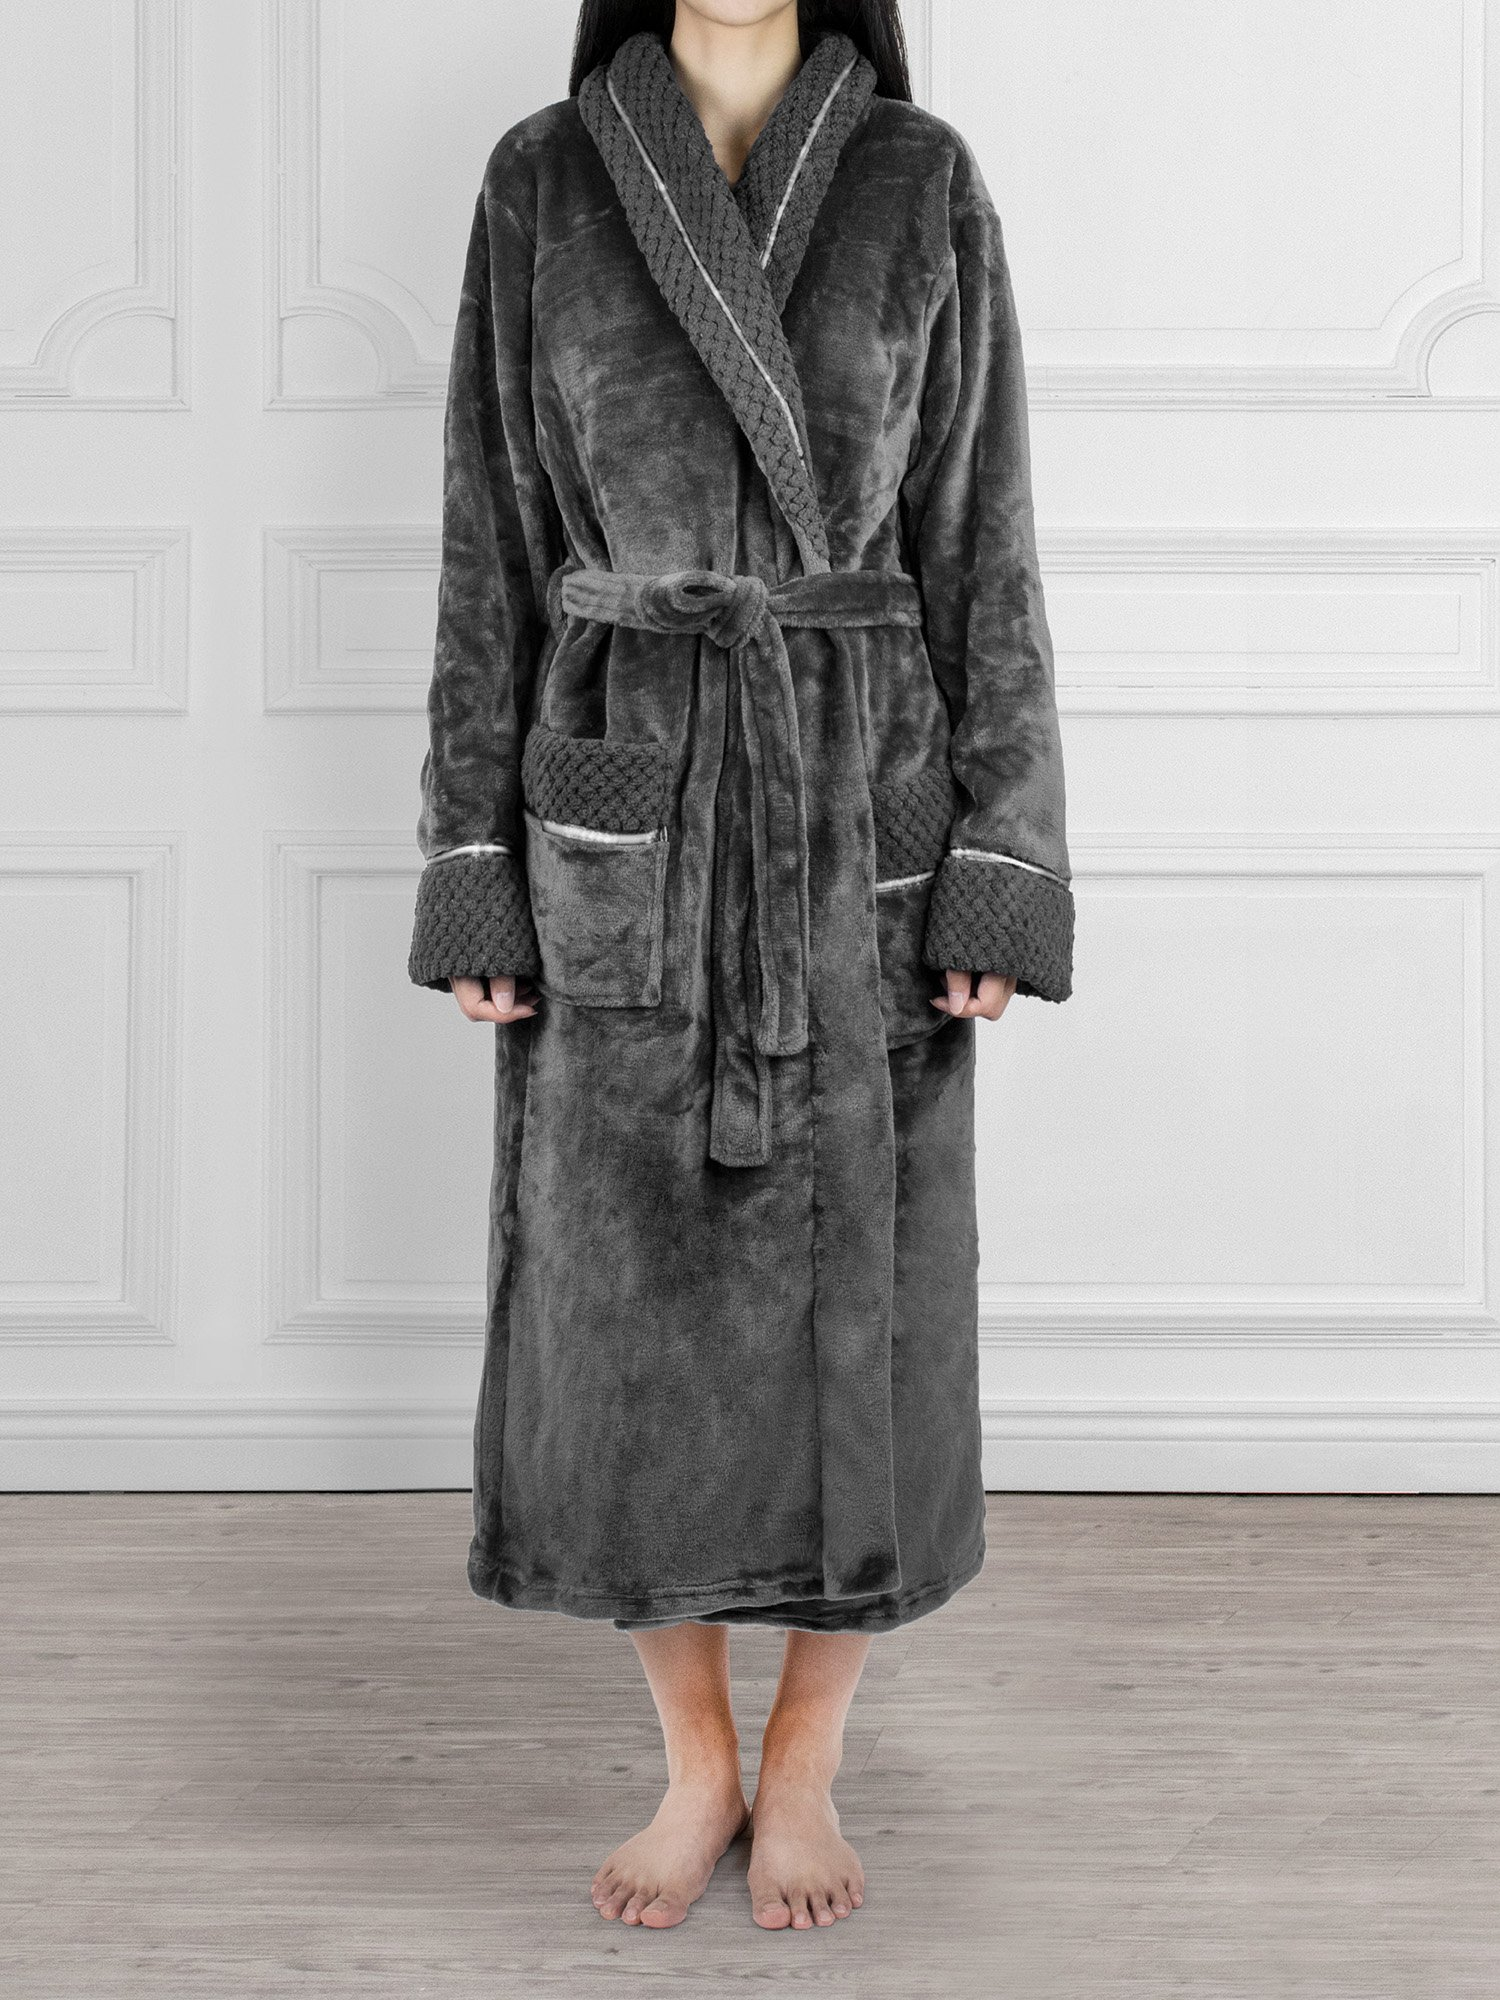 Deluxe Women Fleece Robe with Satin Trim | Luxurious Plush Spa Bathrobe Waffle Design by PAVILIA (Image #3)